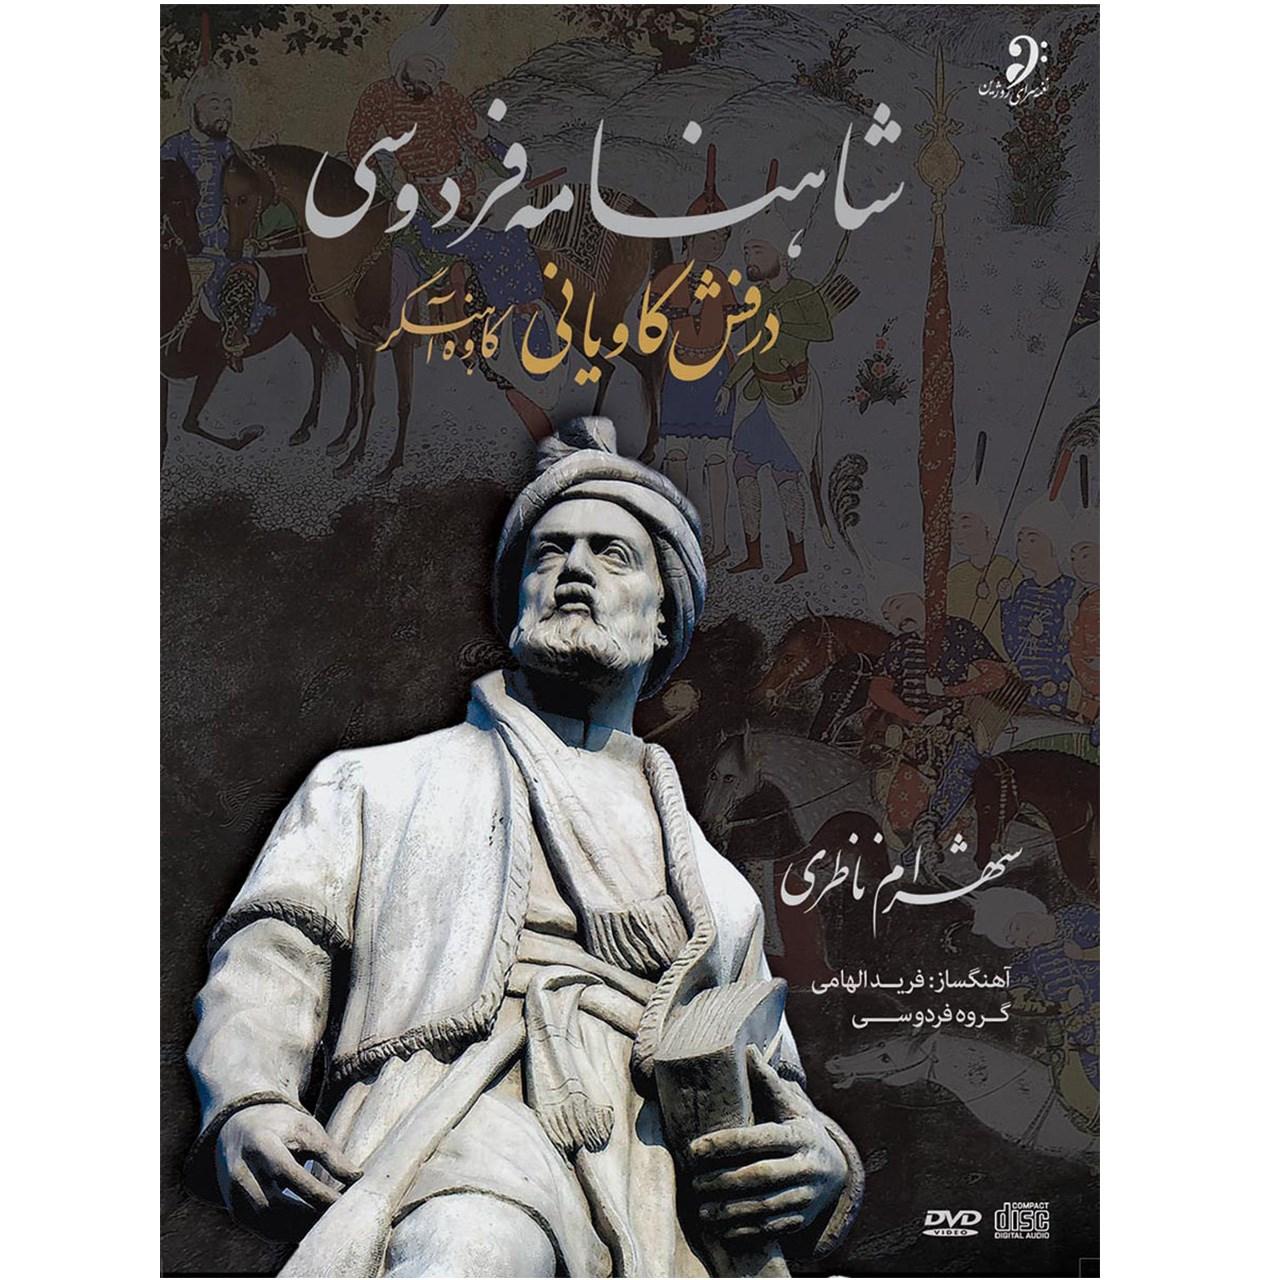 آلبوم تصویری درفش کاویانی (کاوه اهنگر) اثر شهرام ناظری